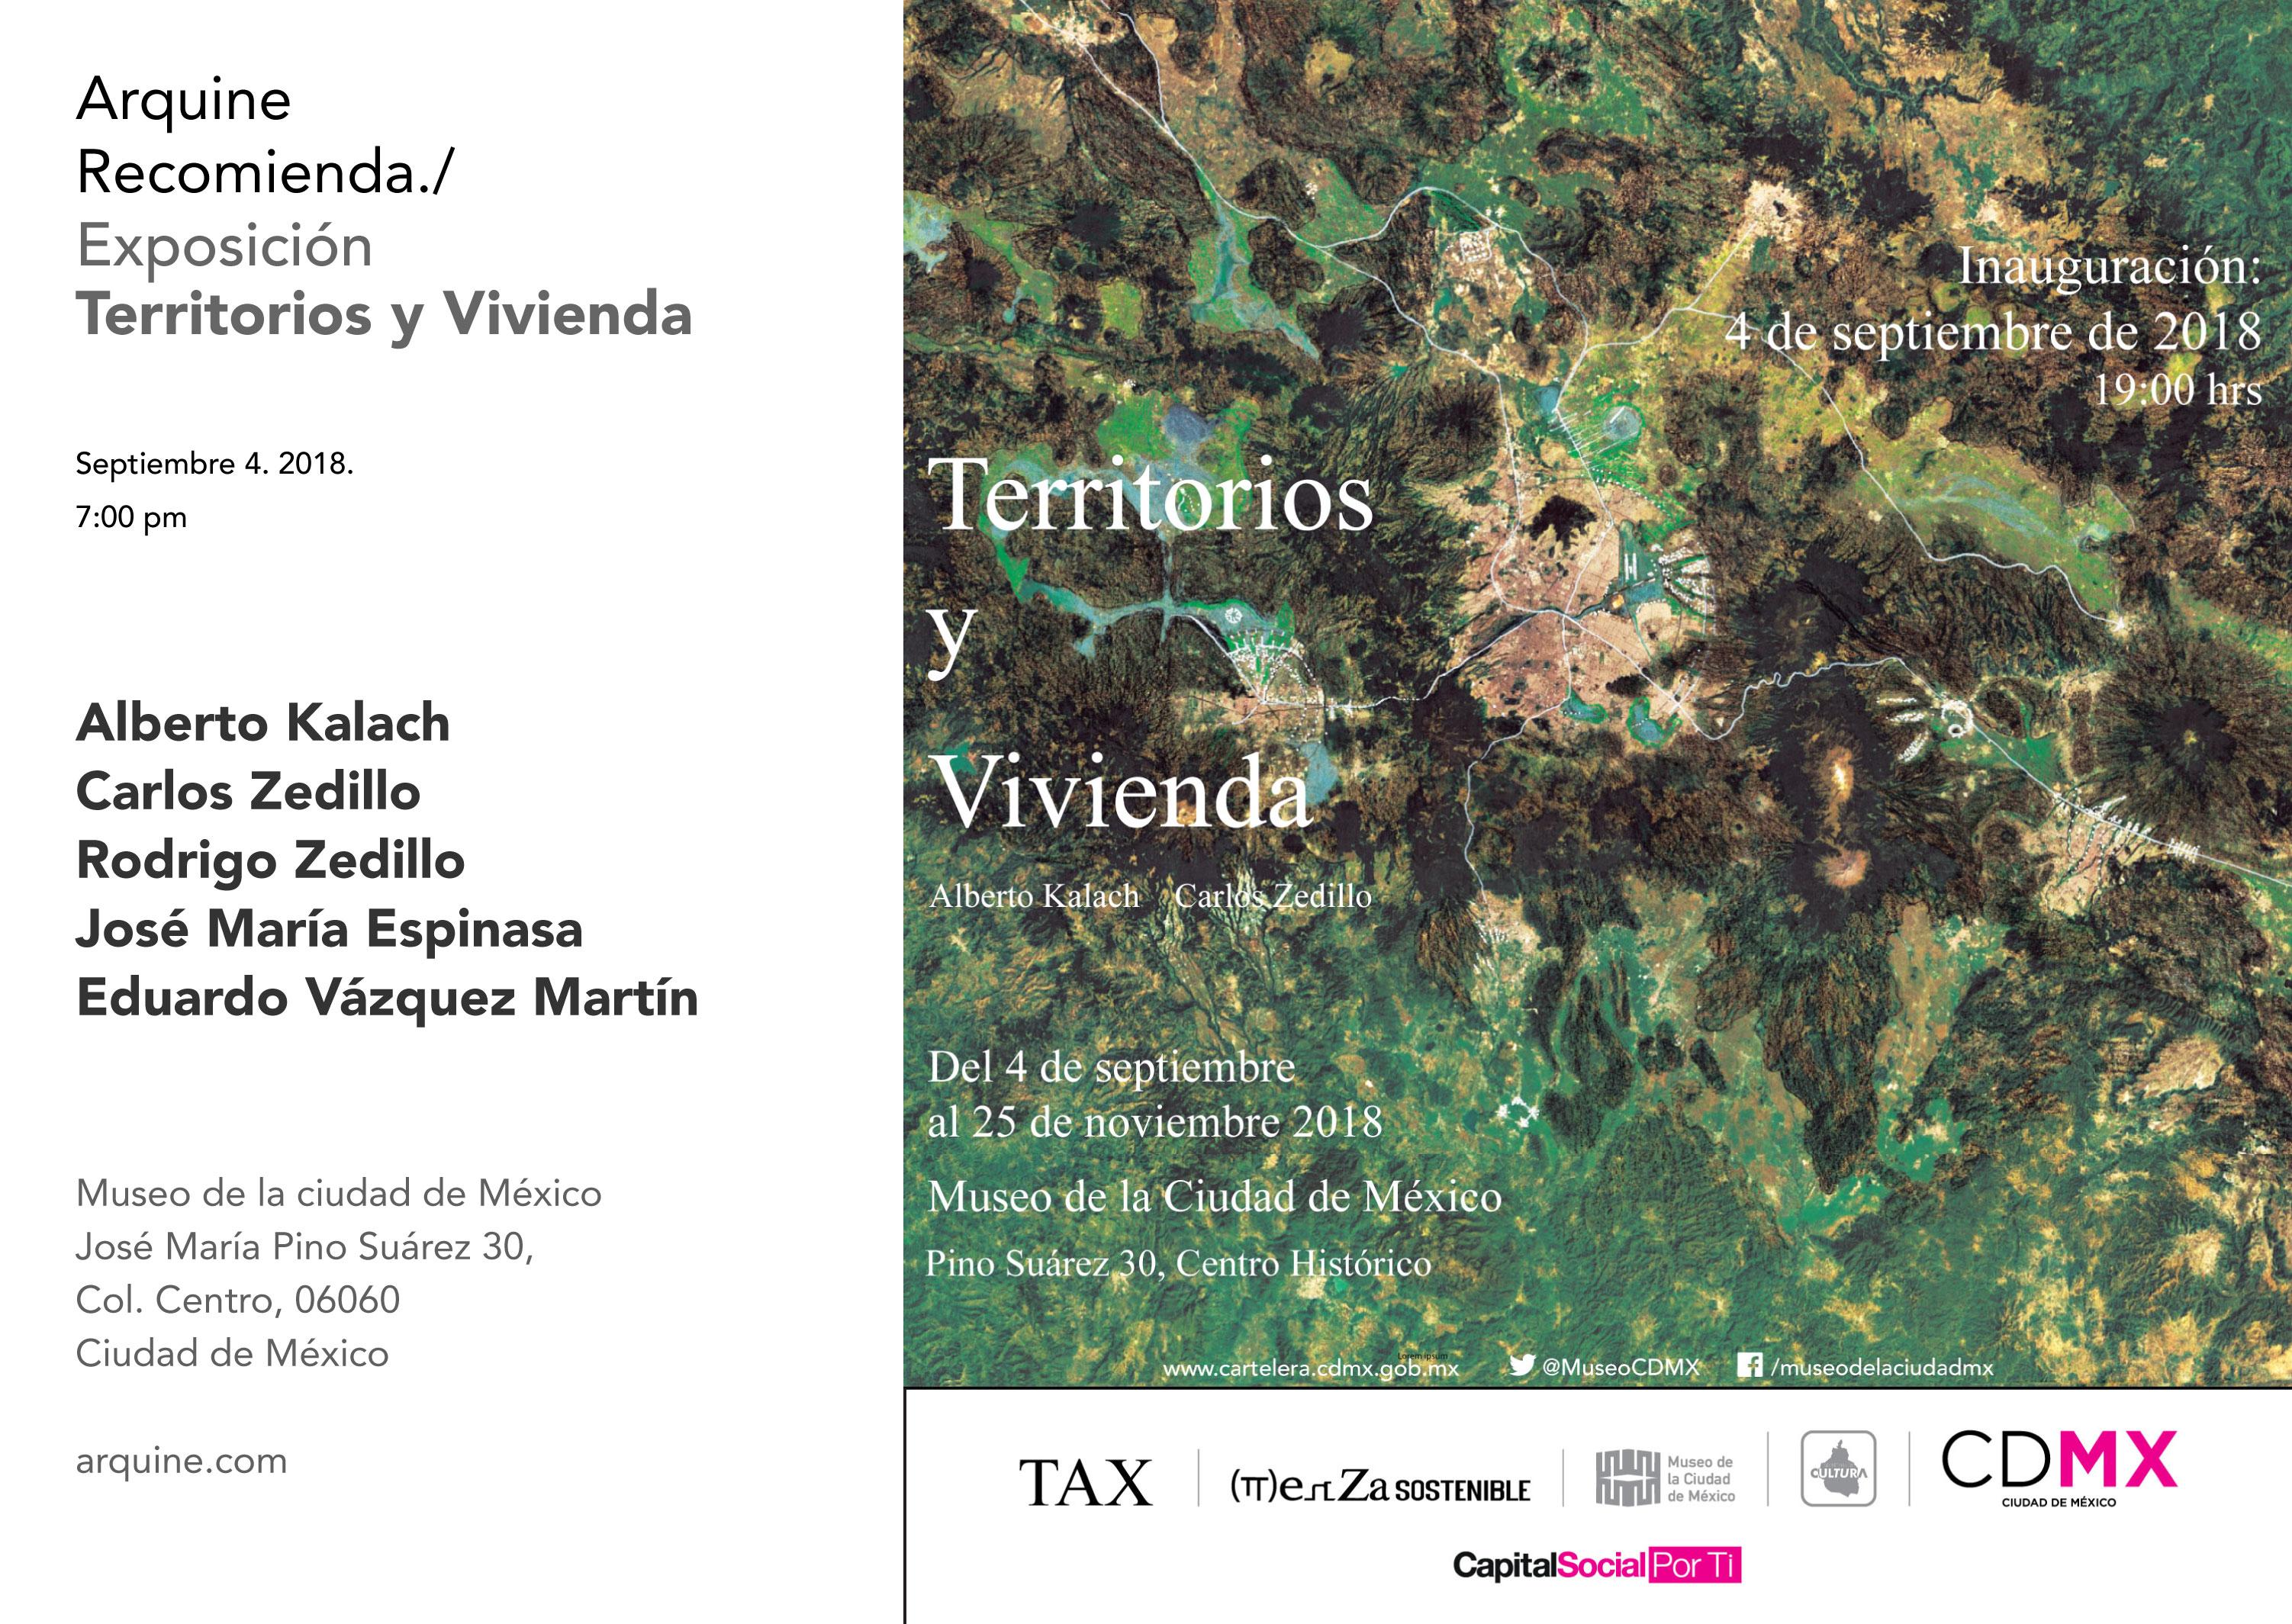 Exposición: Territorios y Vivienda @ Museo de la Ciudad de México   Ciudad de México   Ciudad de México   México